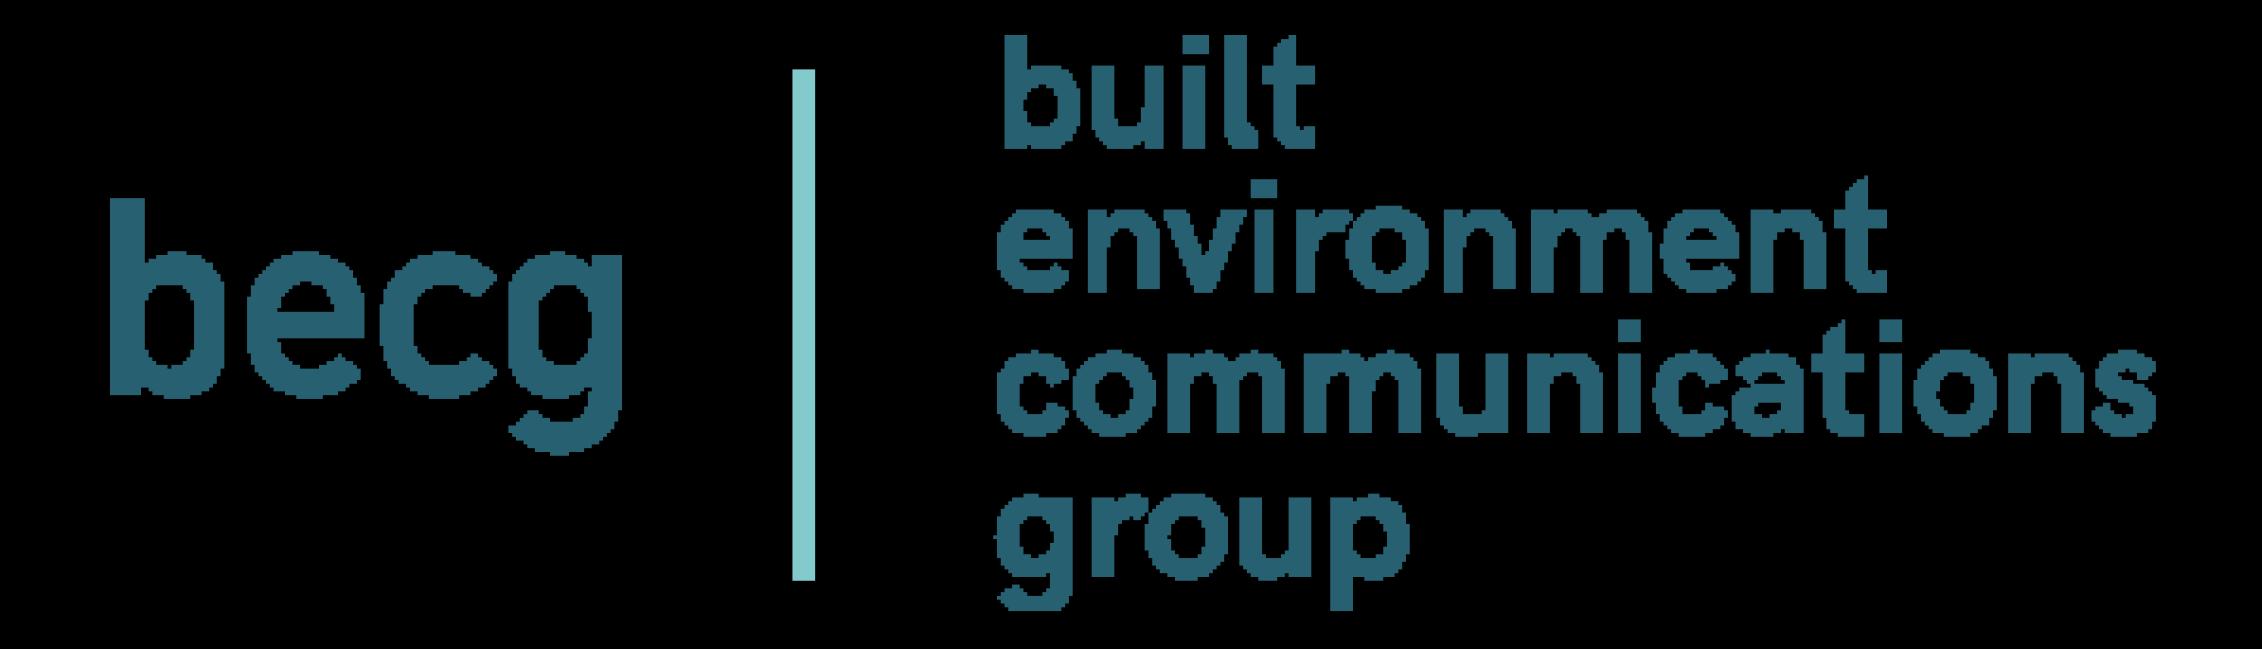 becg-logo